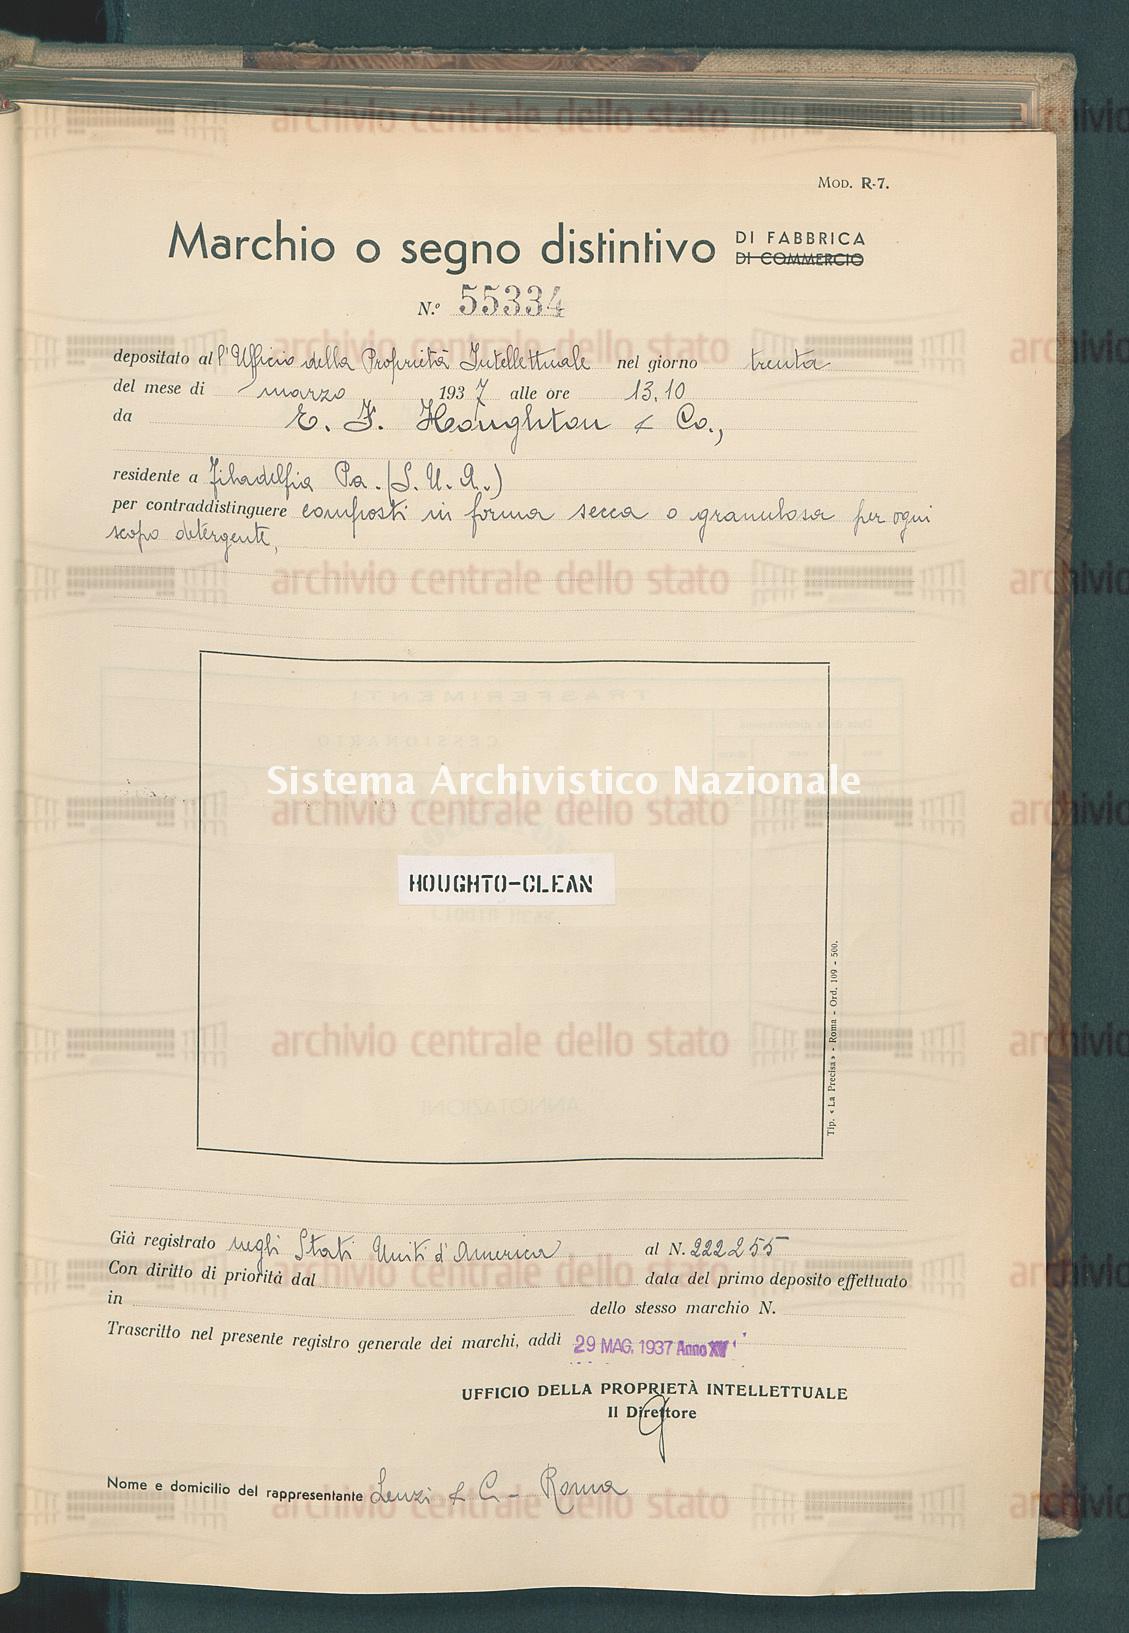 Composti in forma secca o granulare per ogni scopo detergente E.F. Houghton & Co. (29/05/1937)